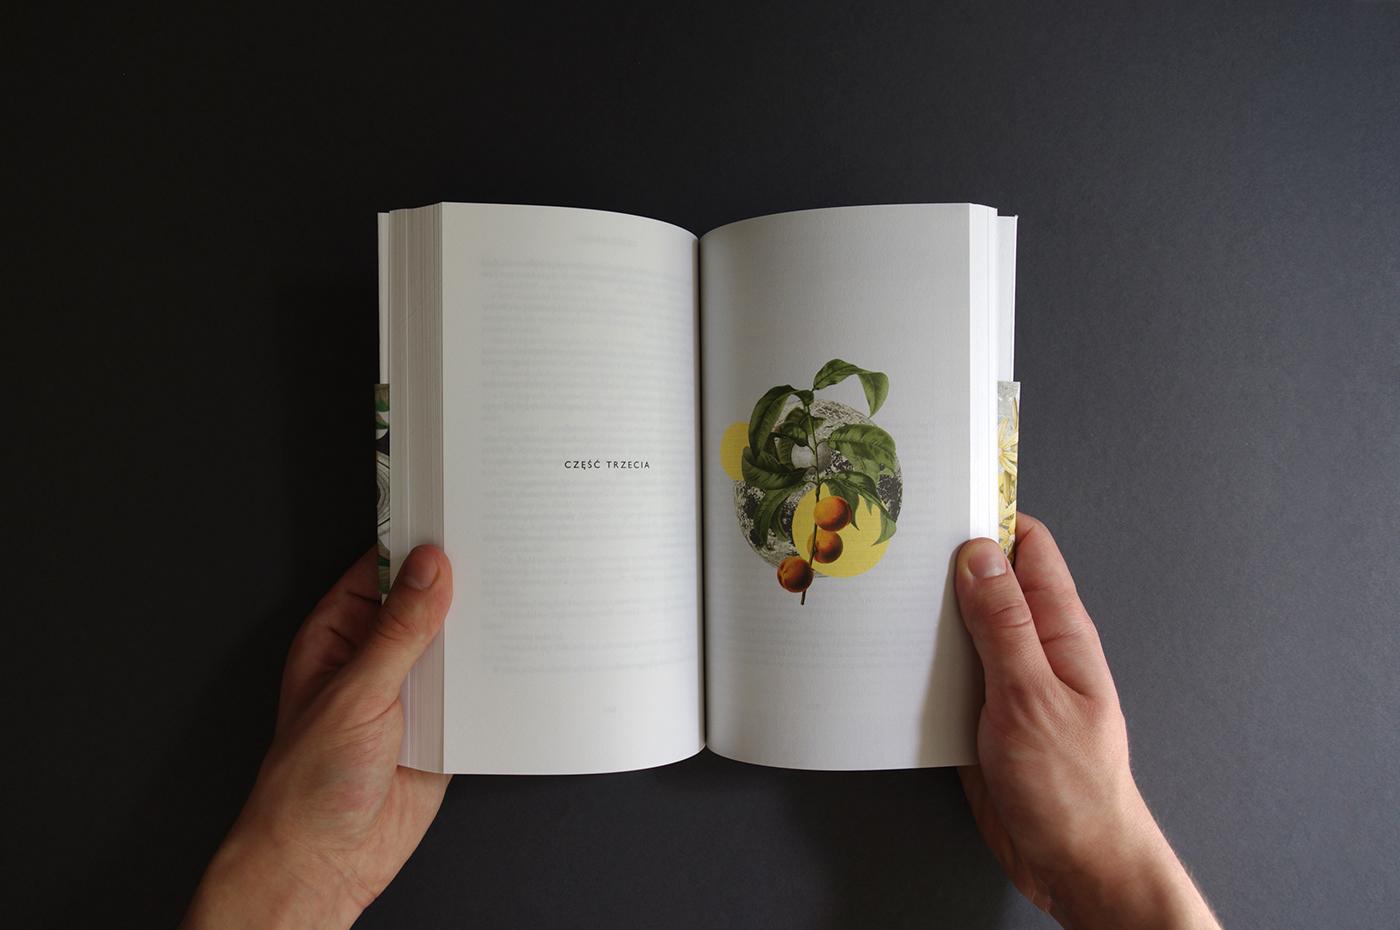 żuławski trylogia książycowa książka seria grafika edytorska wiktor gromadzki łuna